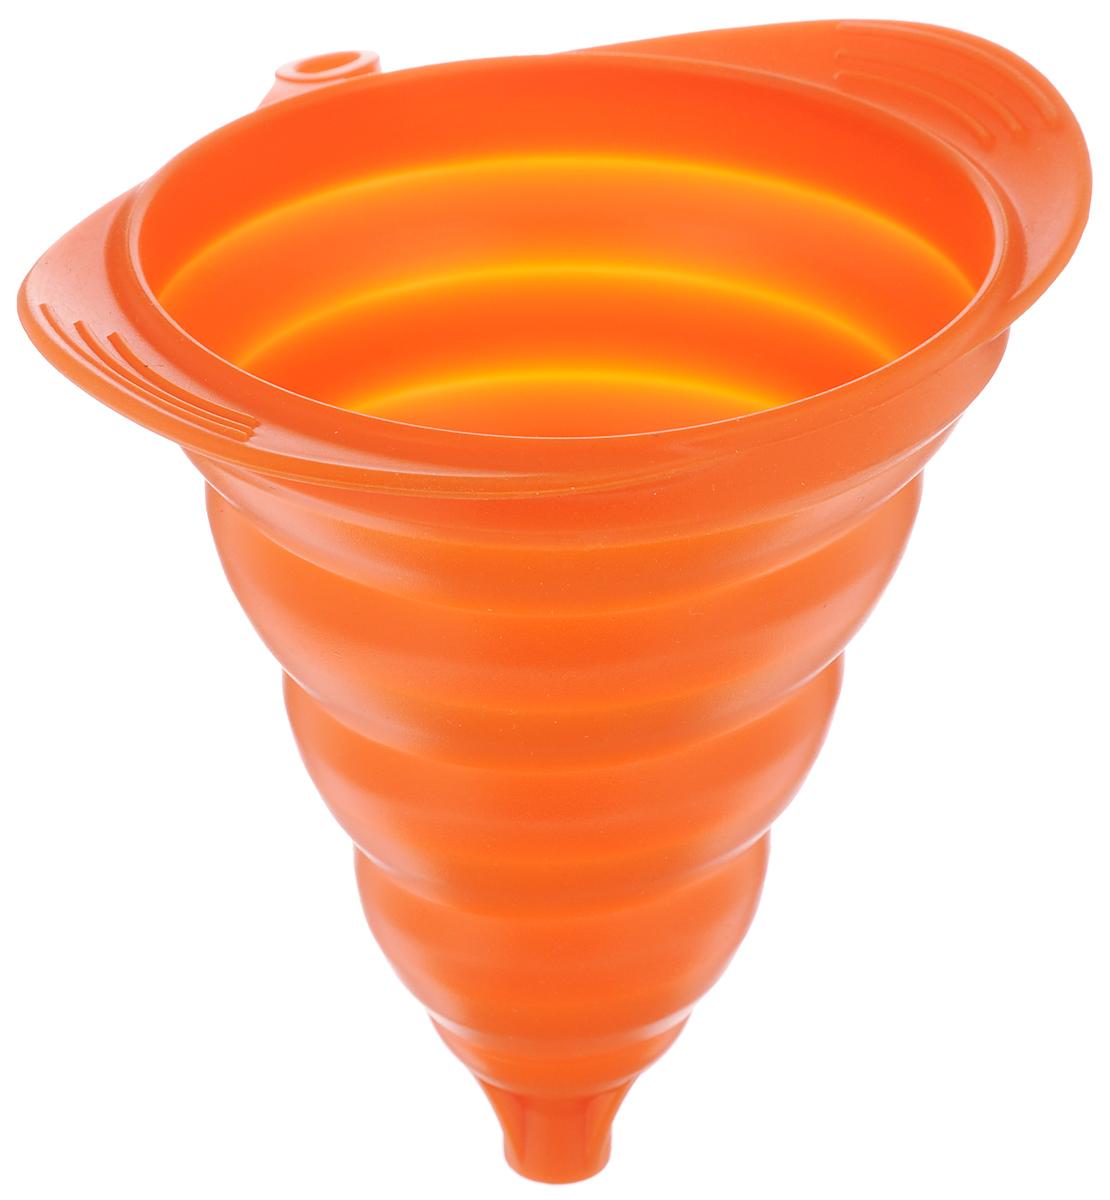 Воронка Mayer & Boch, силиконовая, складная, цвет: оранжевый, 16 х 13 см40970Воронка Mayer & Boch изготовлена извысококачественного экологически чистогопищевого силикона. Предназначена дляпереливания как холодных, так и горячихжидкостей, а также для пересыпания сыпучихпродуктов - соли, сухих приправ и т.д. Благодаряуникальной складывающейся конструкции подходитпод емкости с различным диаметром горлышка изанимает мало места при хранении.Силикон выдерживает температуру от -40°С до210°С. Можно мыть в посудомоечной машине.Размер воронки: 16 х 13 см.Высота в сложенном виде: 2 см.